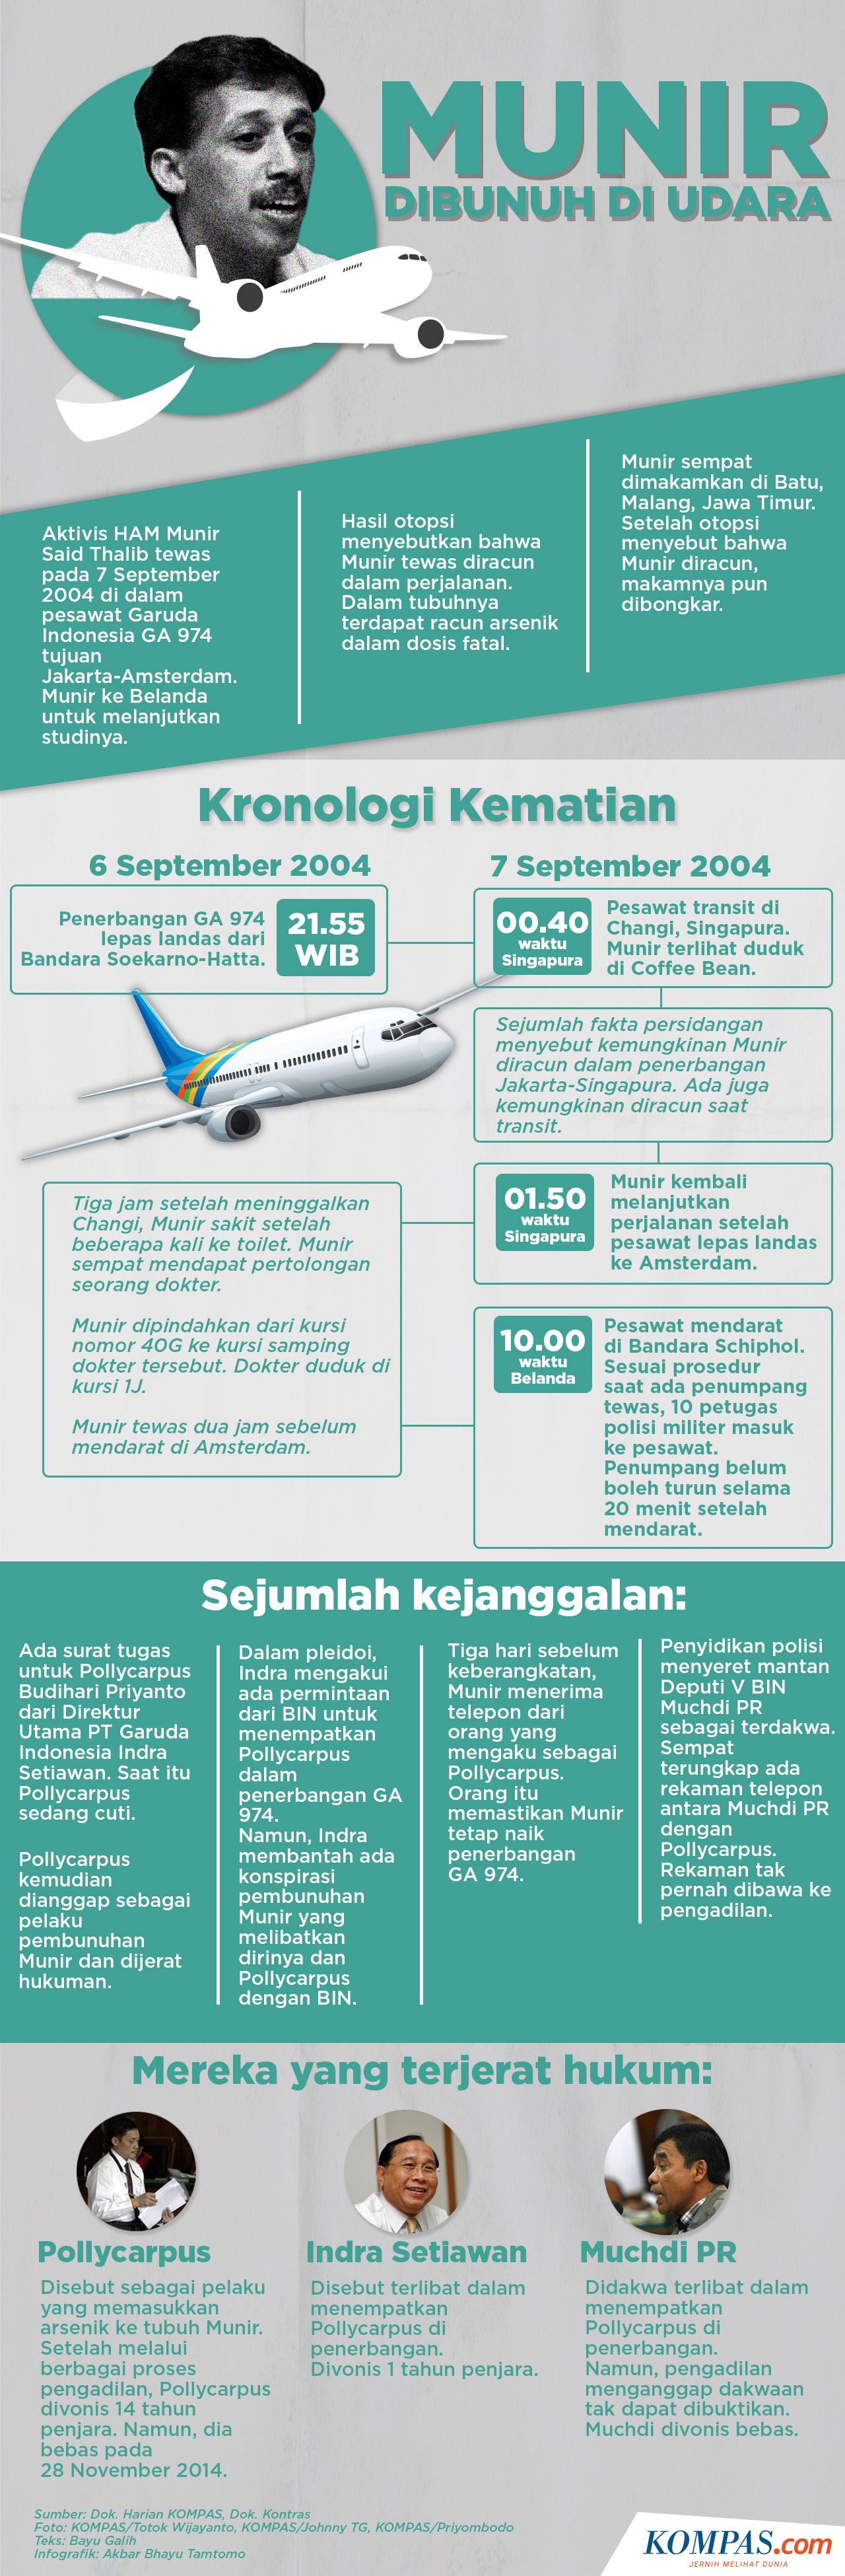 Infografik: Munir Dibunuh Di Udara